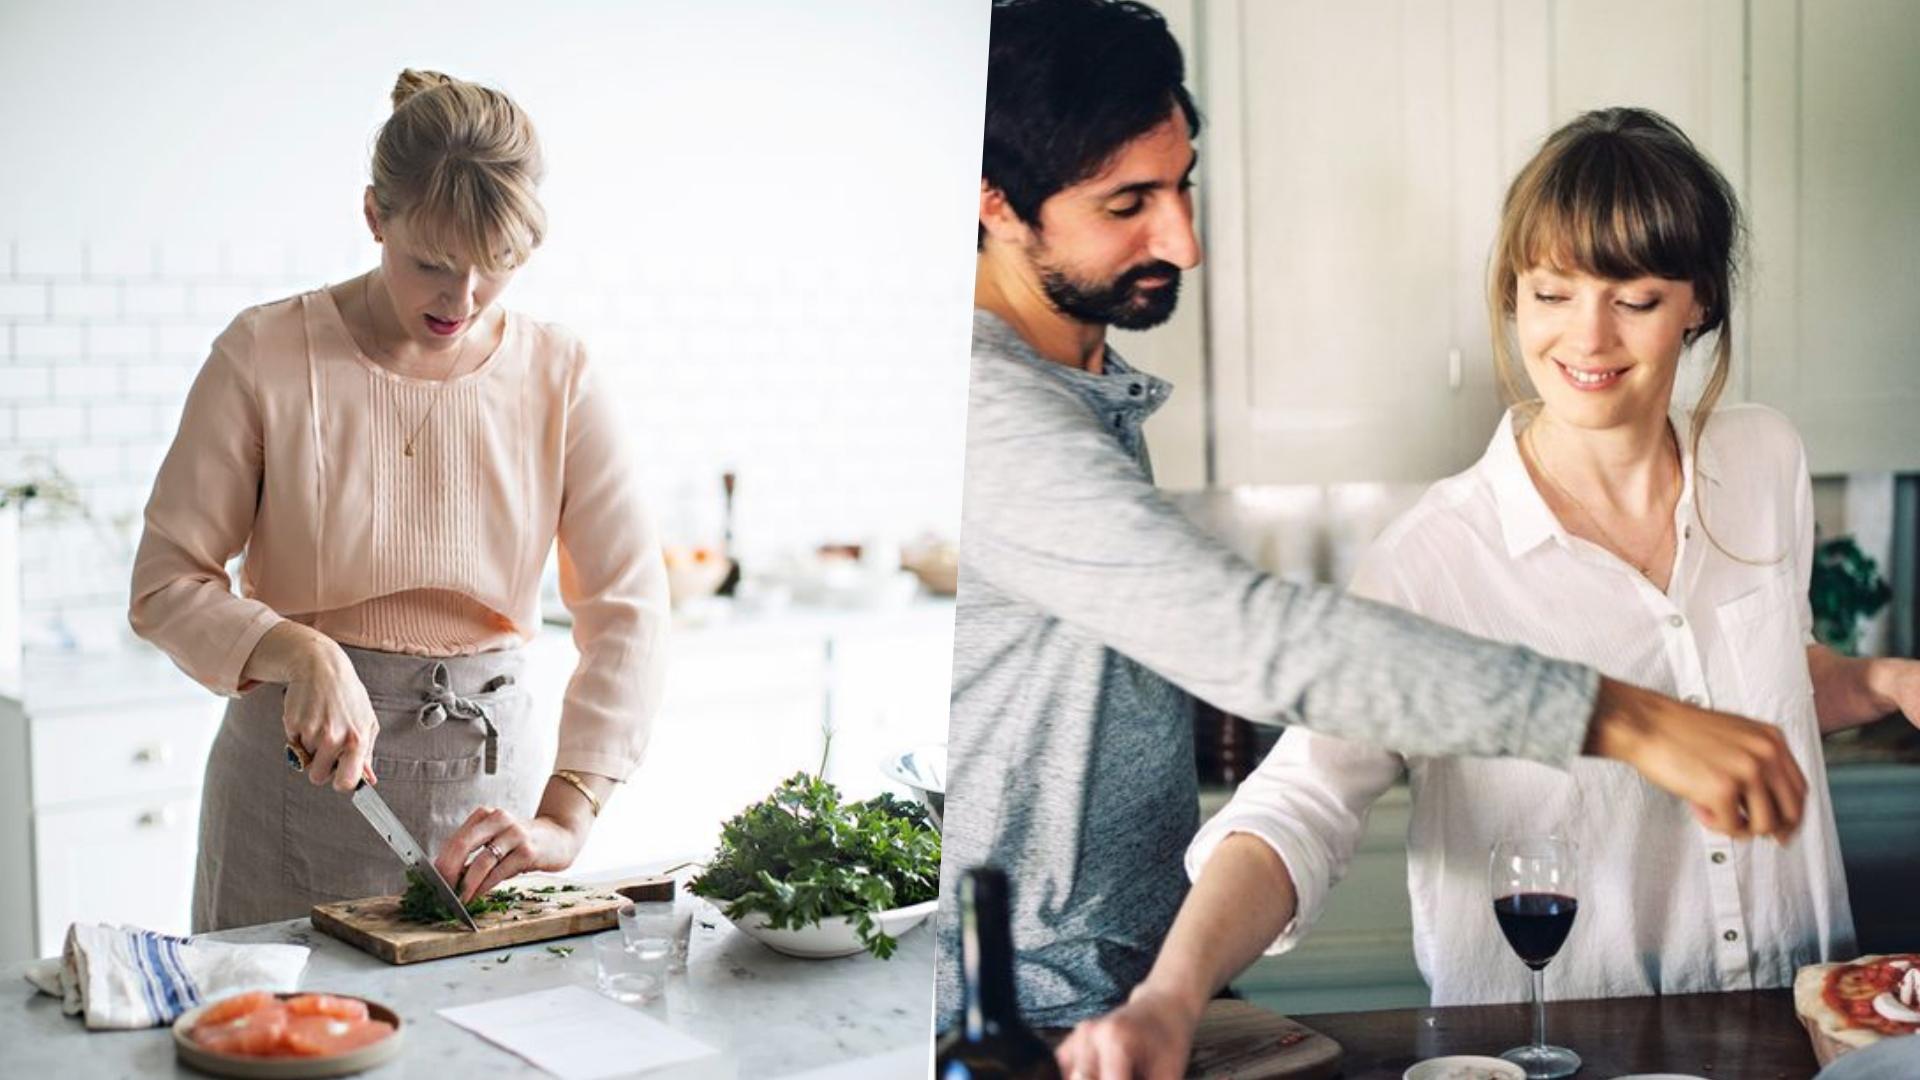 防疫期間宅在家,不如自己做快速方便的懶人料理吧!